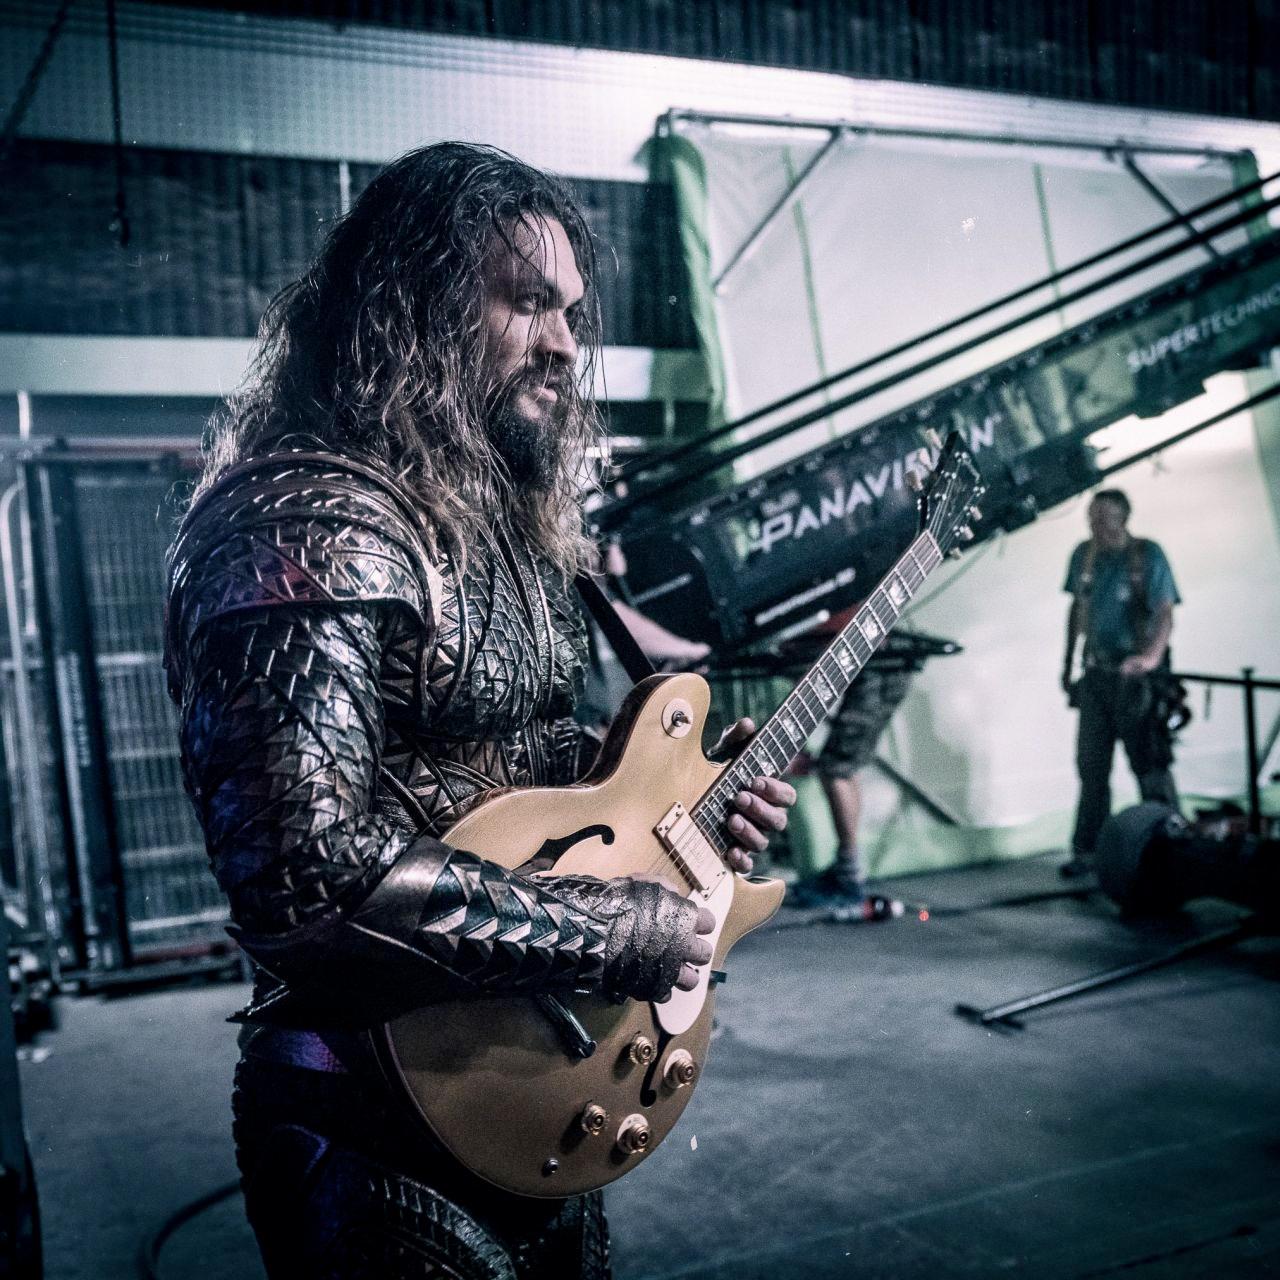 Superhero Bits Kevin Conroys Problem With Batman V Superman Aquaman Justiceleague Set Guitar